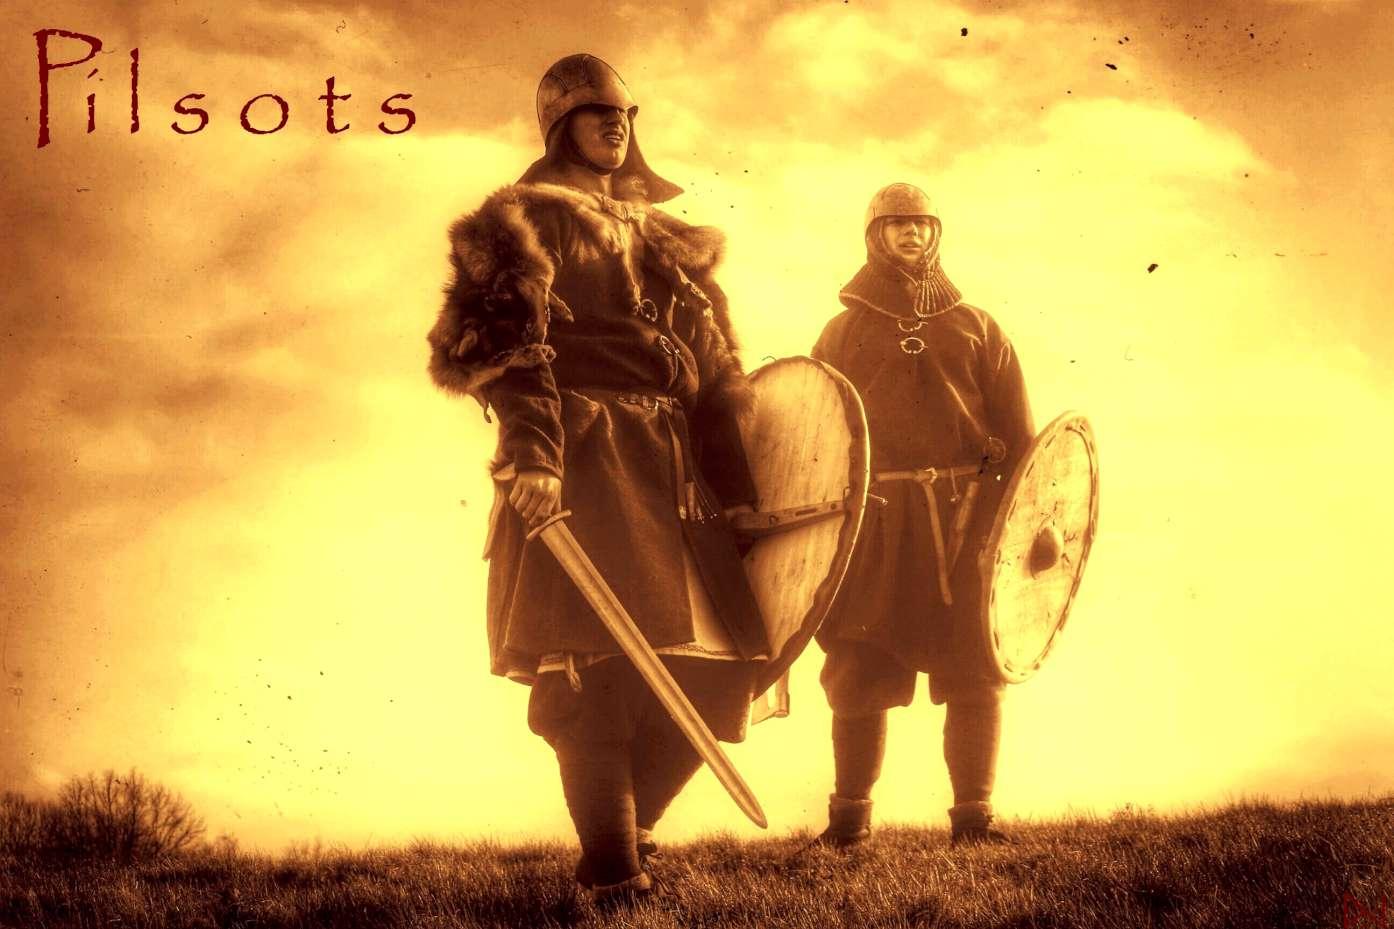 Pilsots-K100